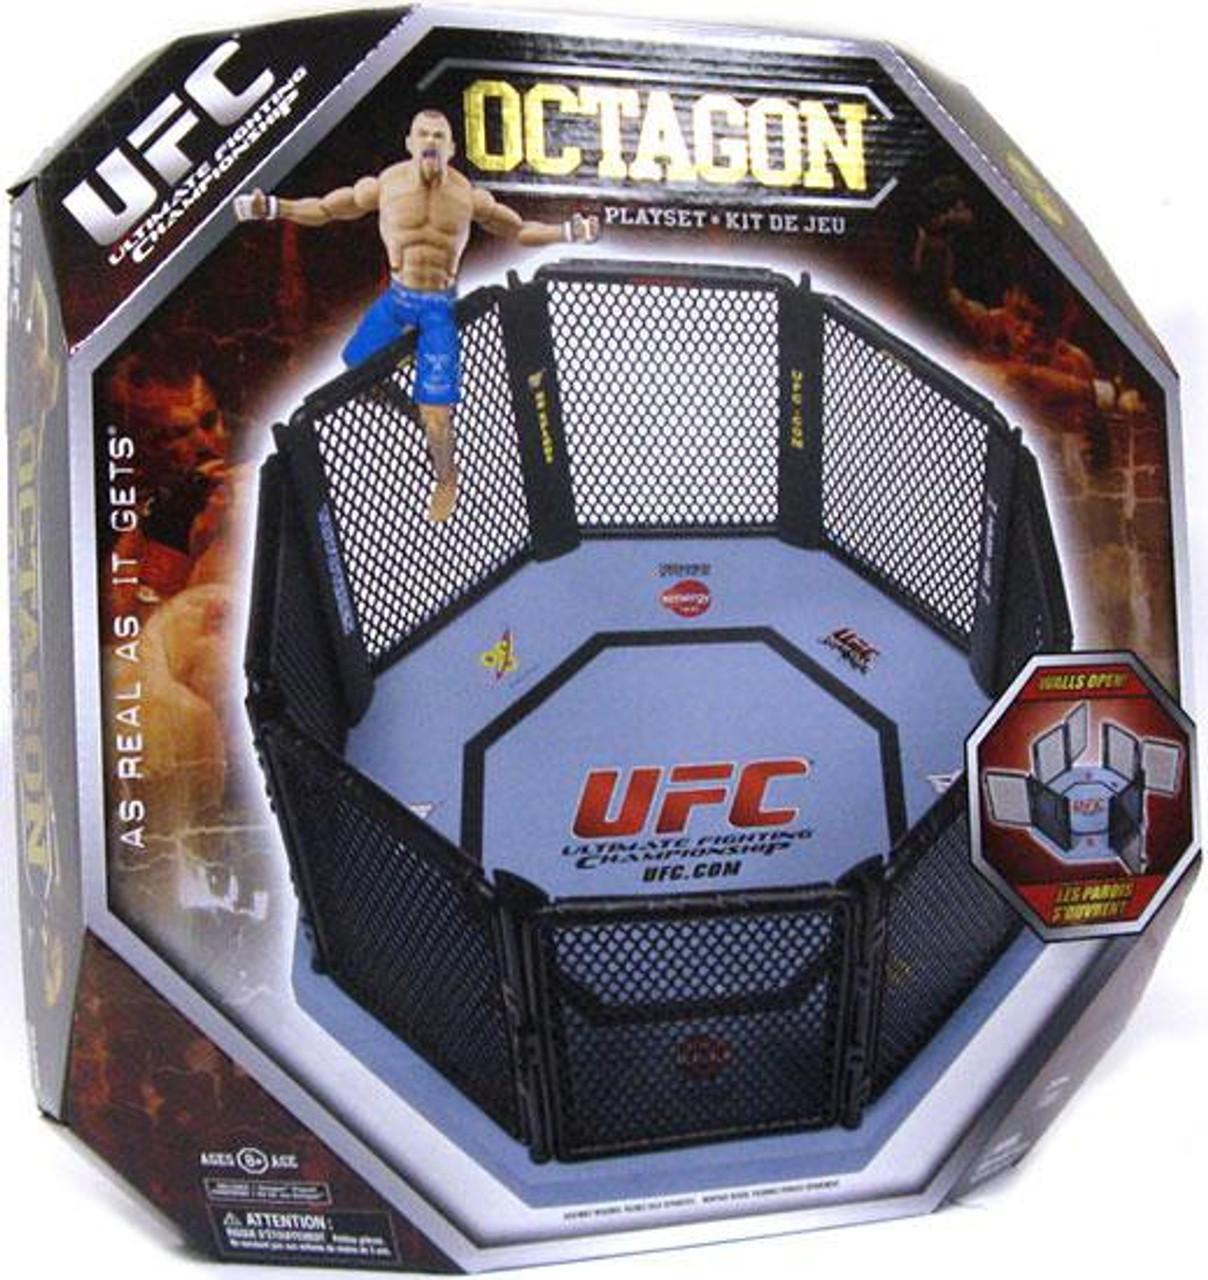 UFC Octagon Playset jakks Pacific brand new